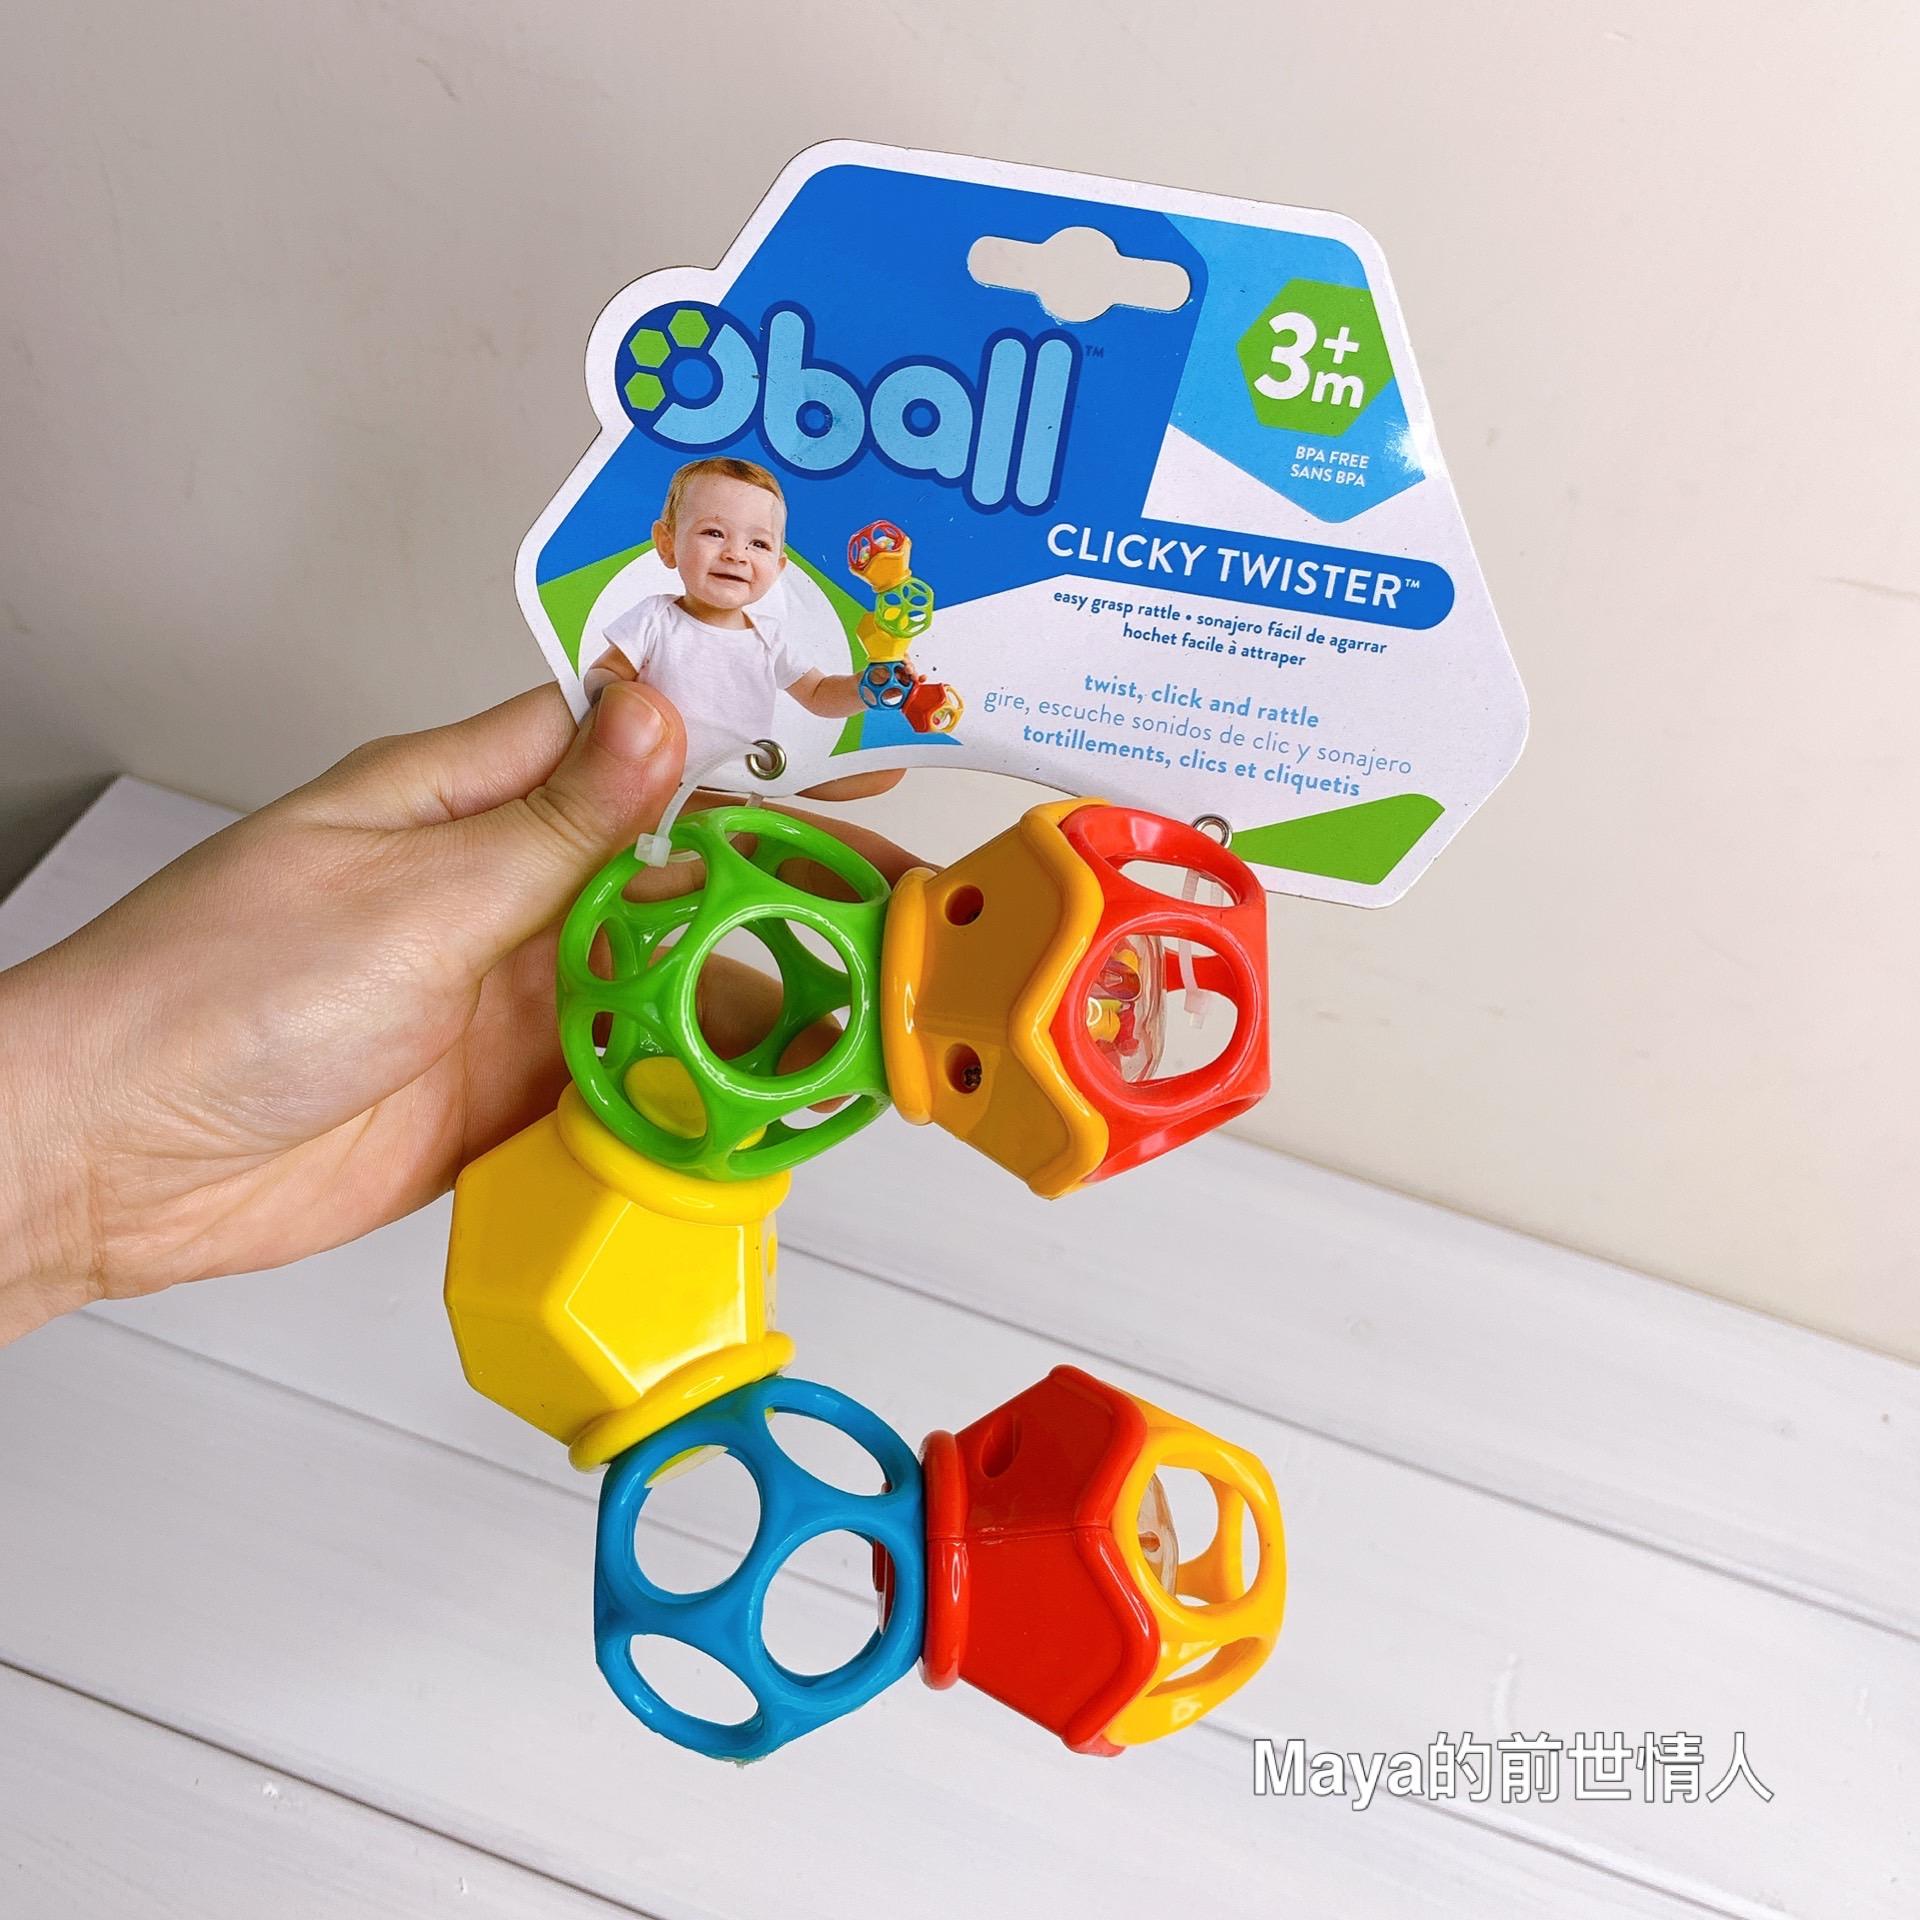 婴儿手抓扭扭球奥波软胶洞动球转转乐摇铃锻炼宝宝小手灵活性玩具